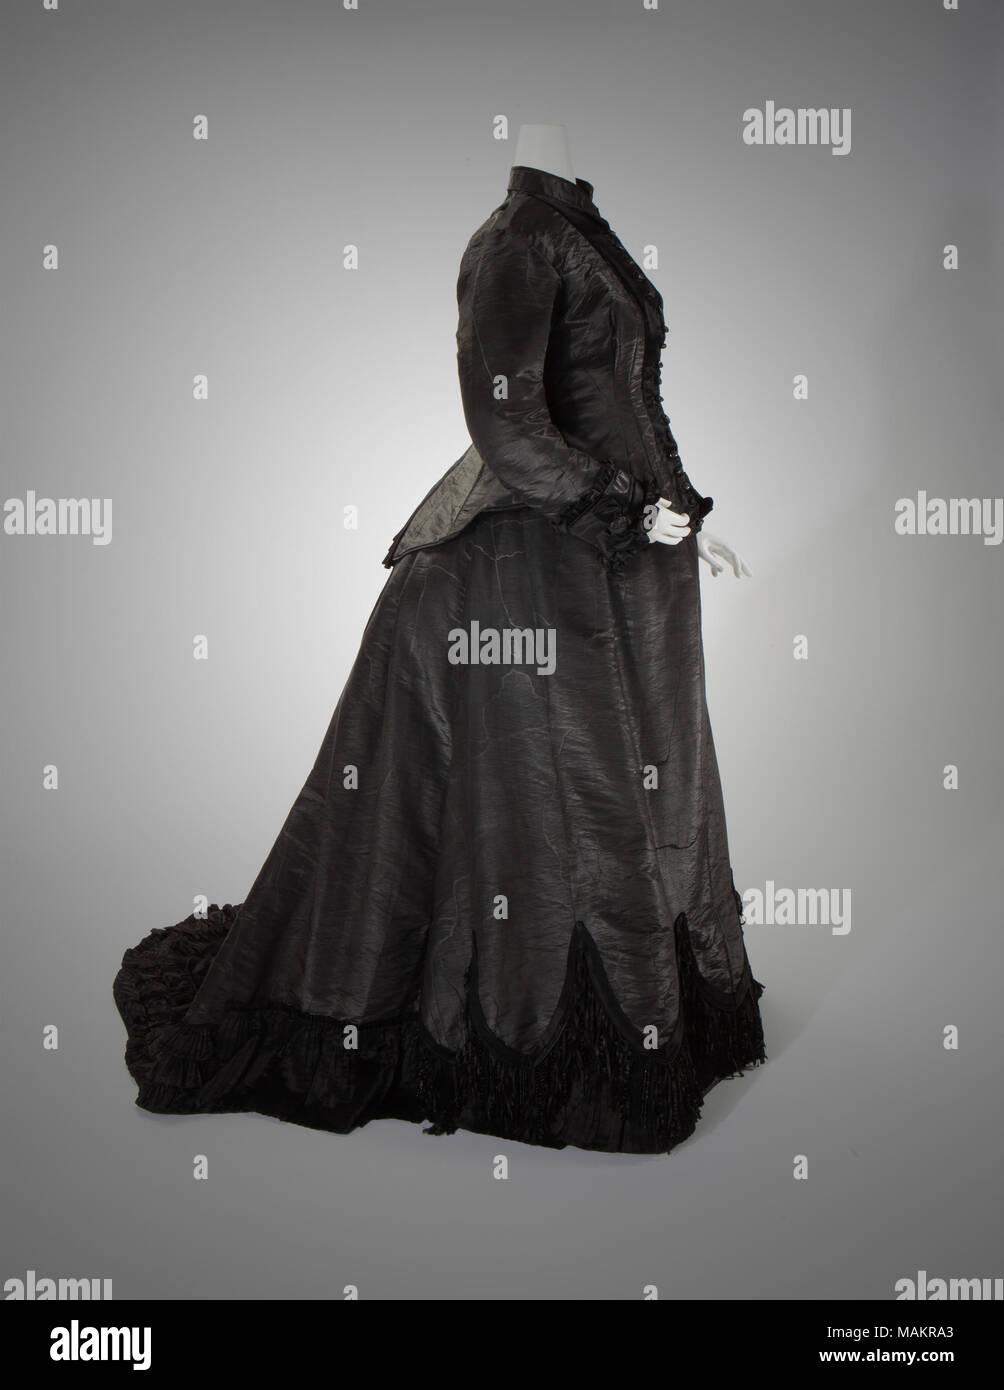 6682247f73b3 Le donne in due pezzi di seta nera faille moirè lutto abito con frange  gonna. Indossata da ...